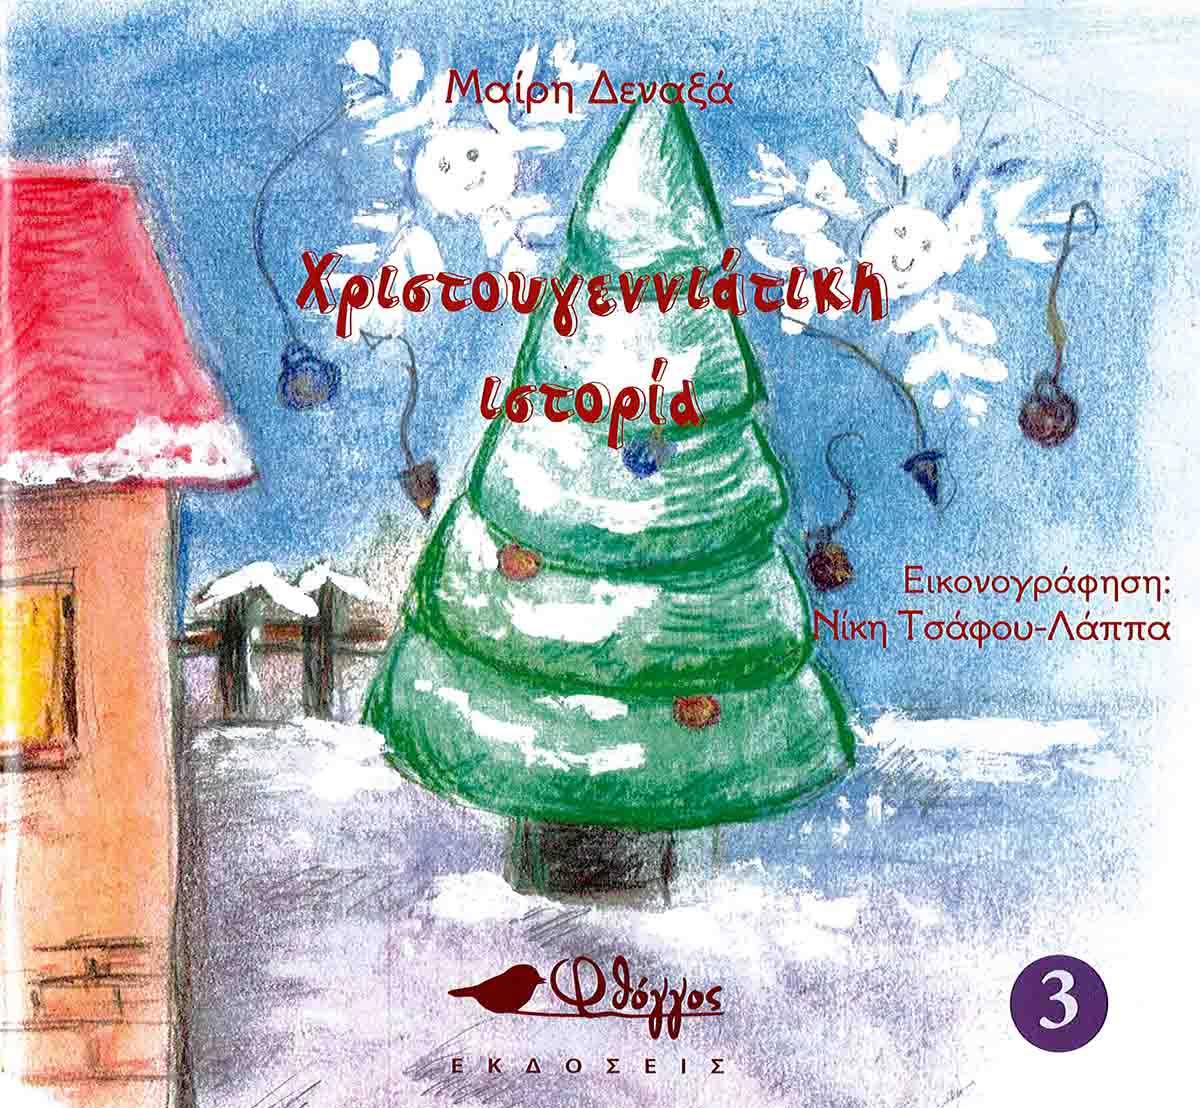 Χριστουγεννιάτικα ΧΡΙΣΤΟΥΓΕΝΝΙΑΤΙΚΗ ΙΣΤΟΡΙΑ